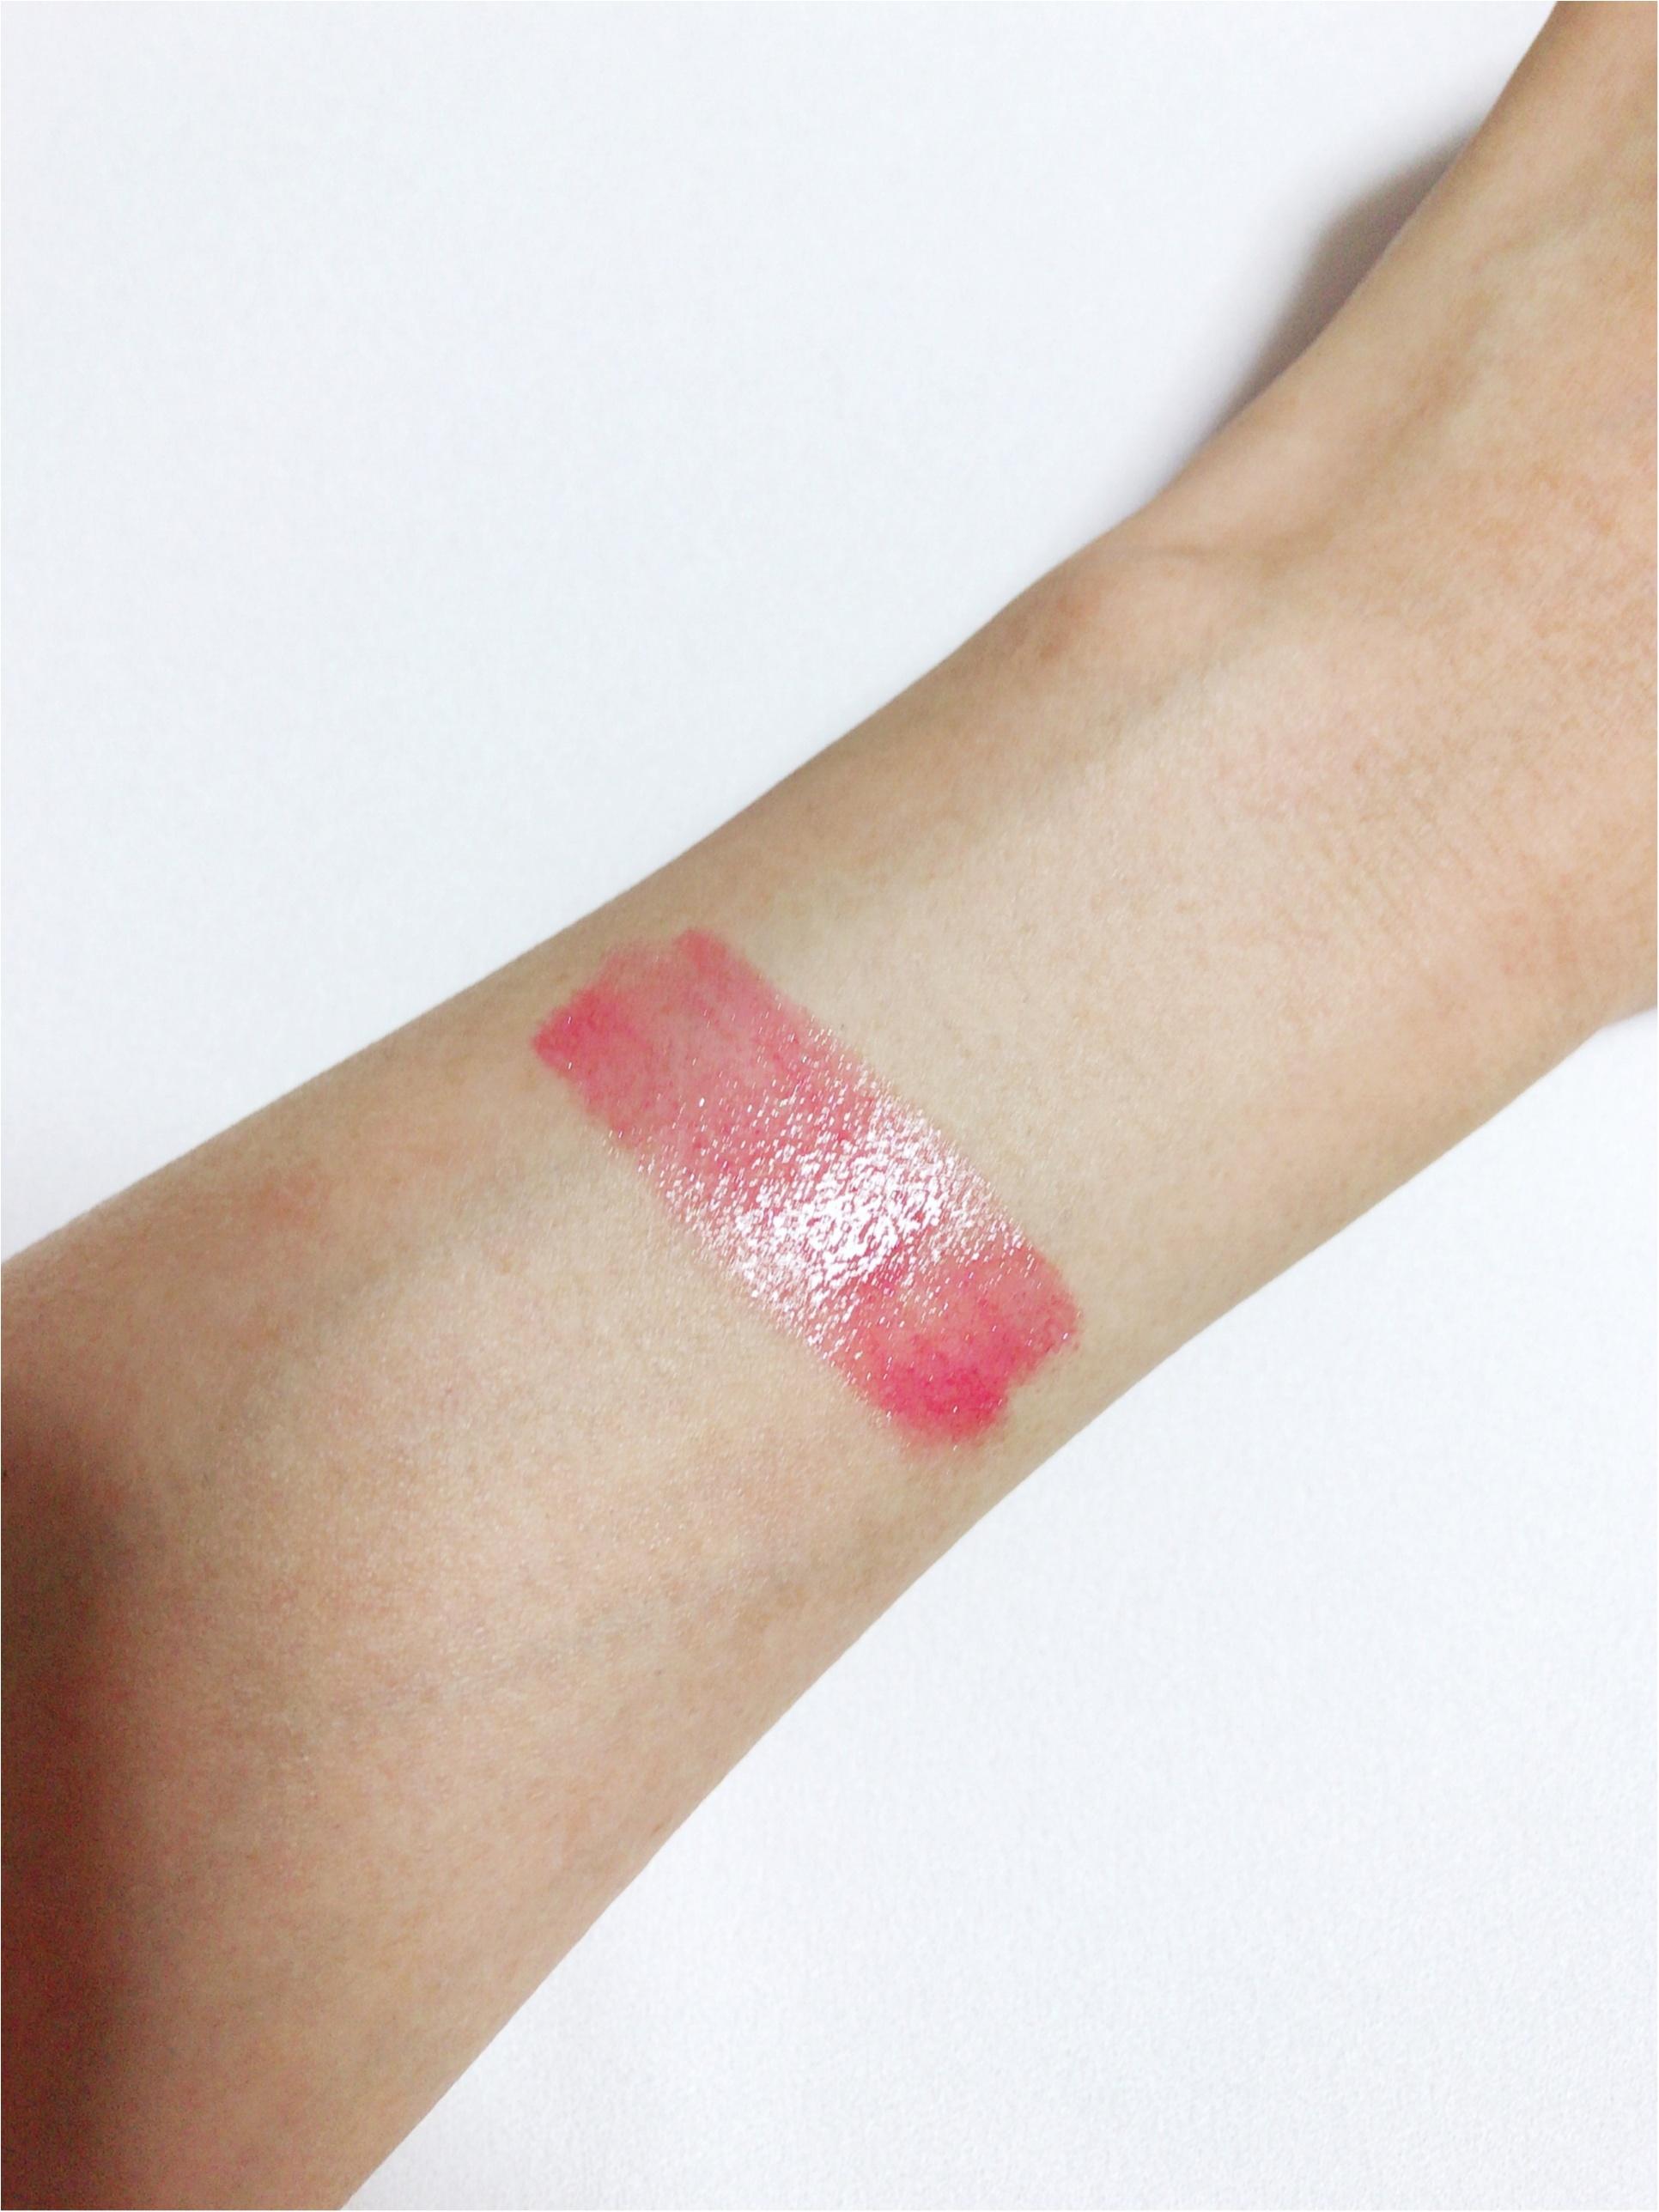 【OPERA】人気の限定色12番とコーラルピンク05番が使える♡色っぽくなる2色を比べてみました♡_3